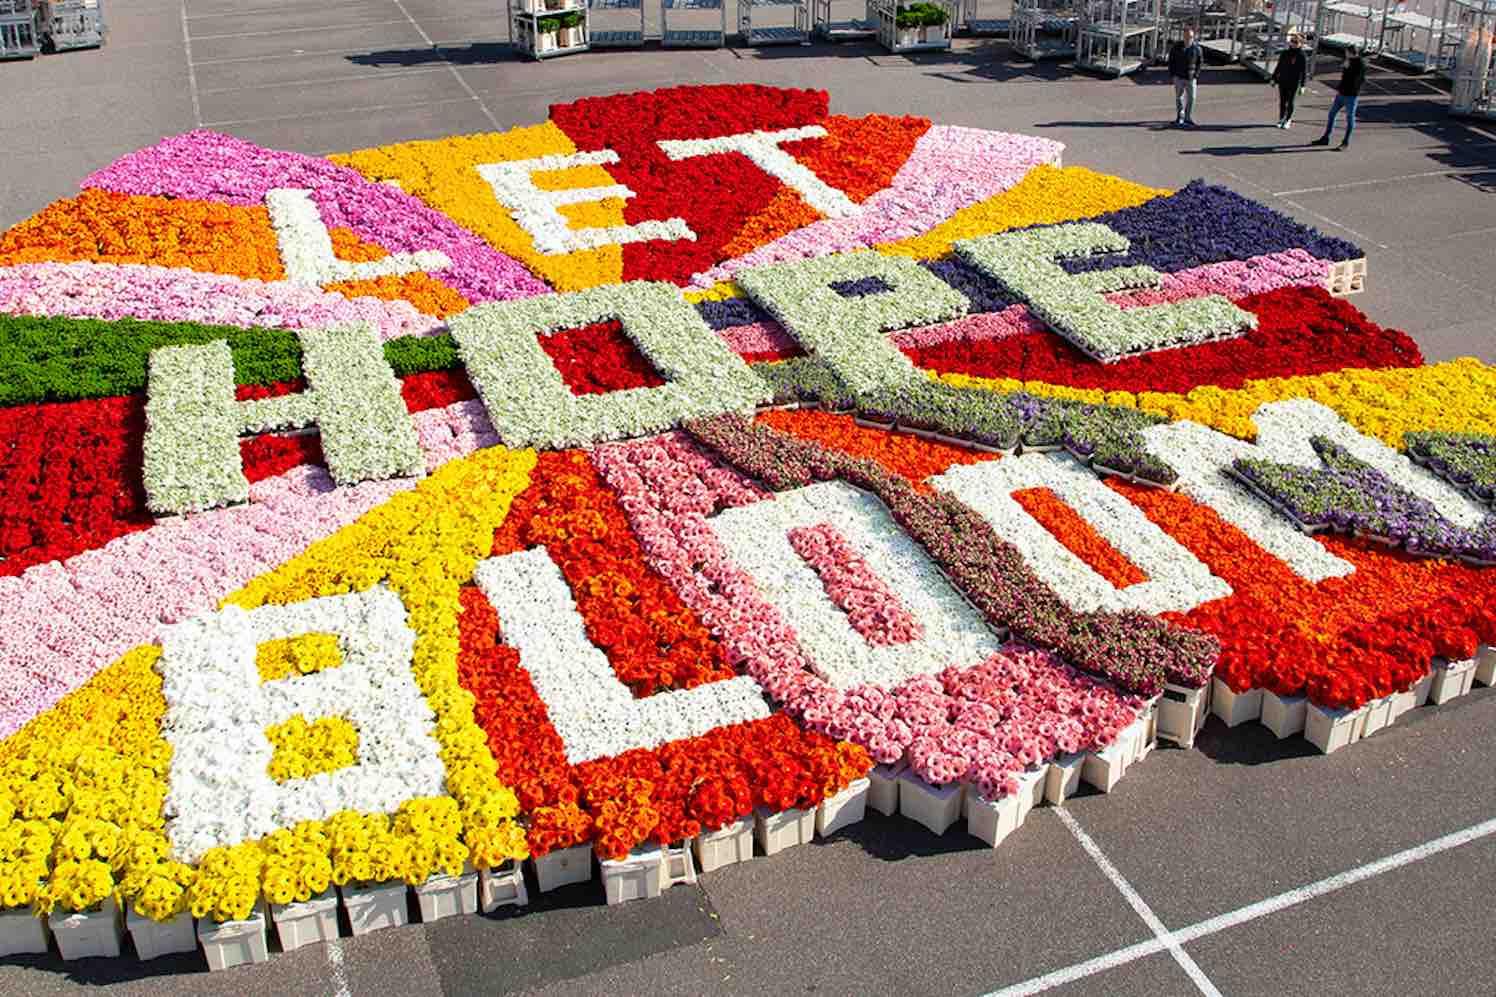 bloemenboodschap